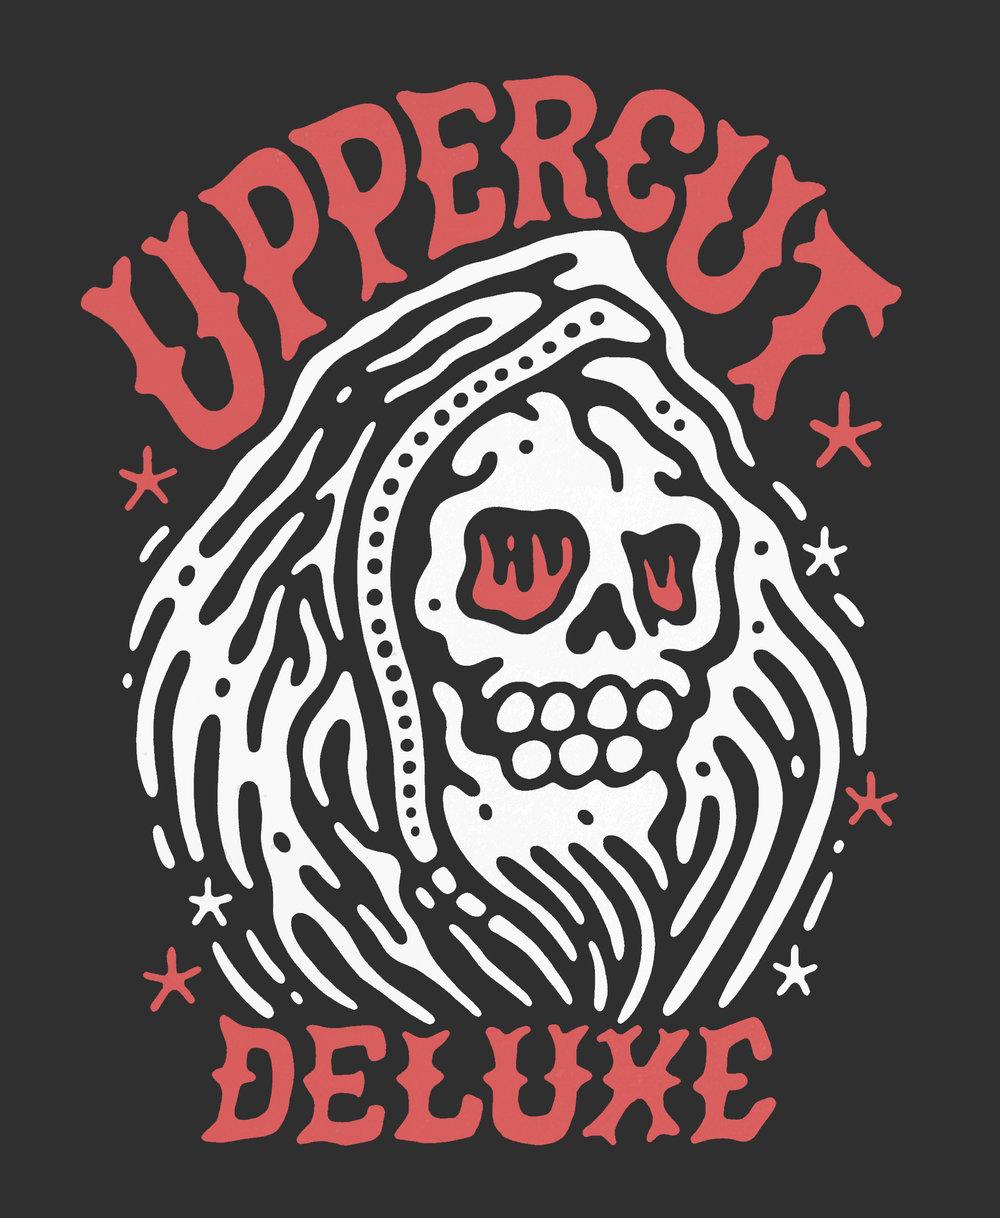 UPPERCUT DELUXE [SINDY SHIRT 1 - DESIGN3].jpg